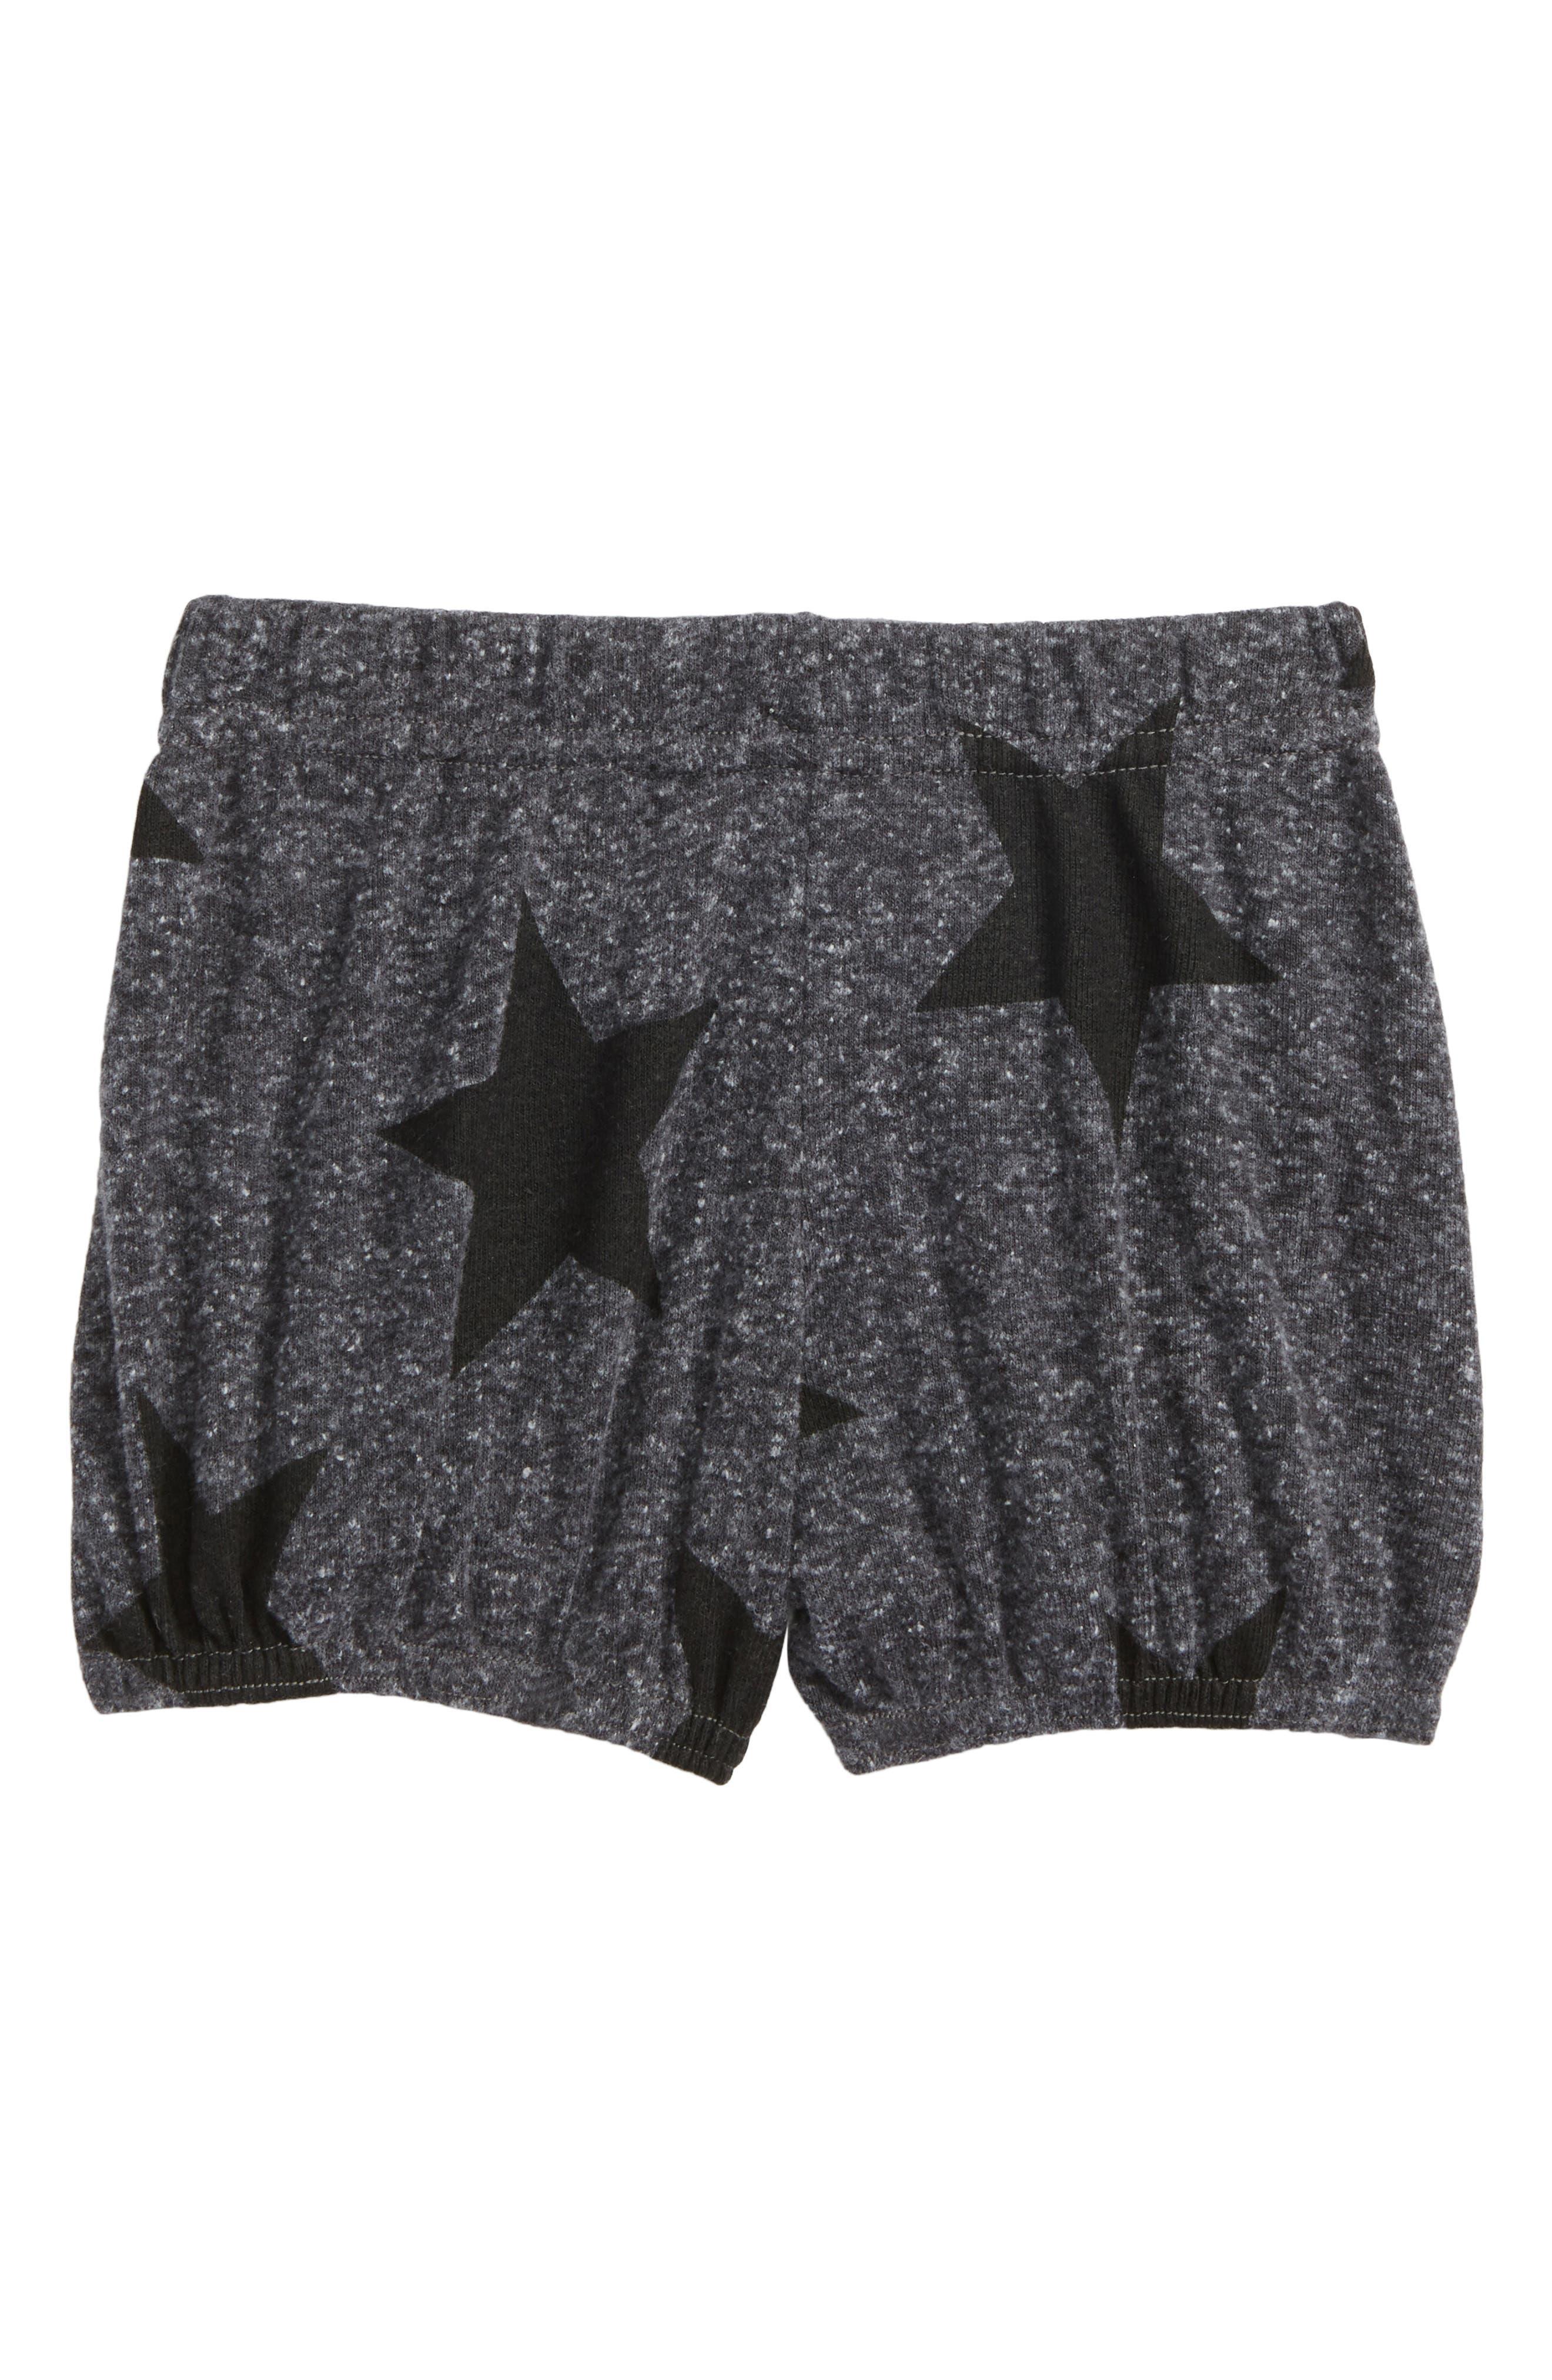 Star Print Yoga Shorts,                             Main thumbnail 1, color,                             Charcoal